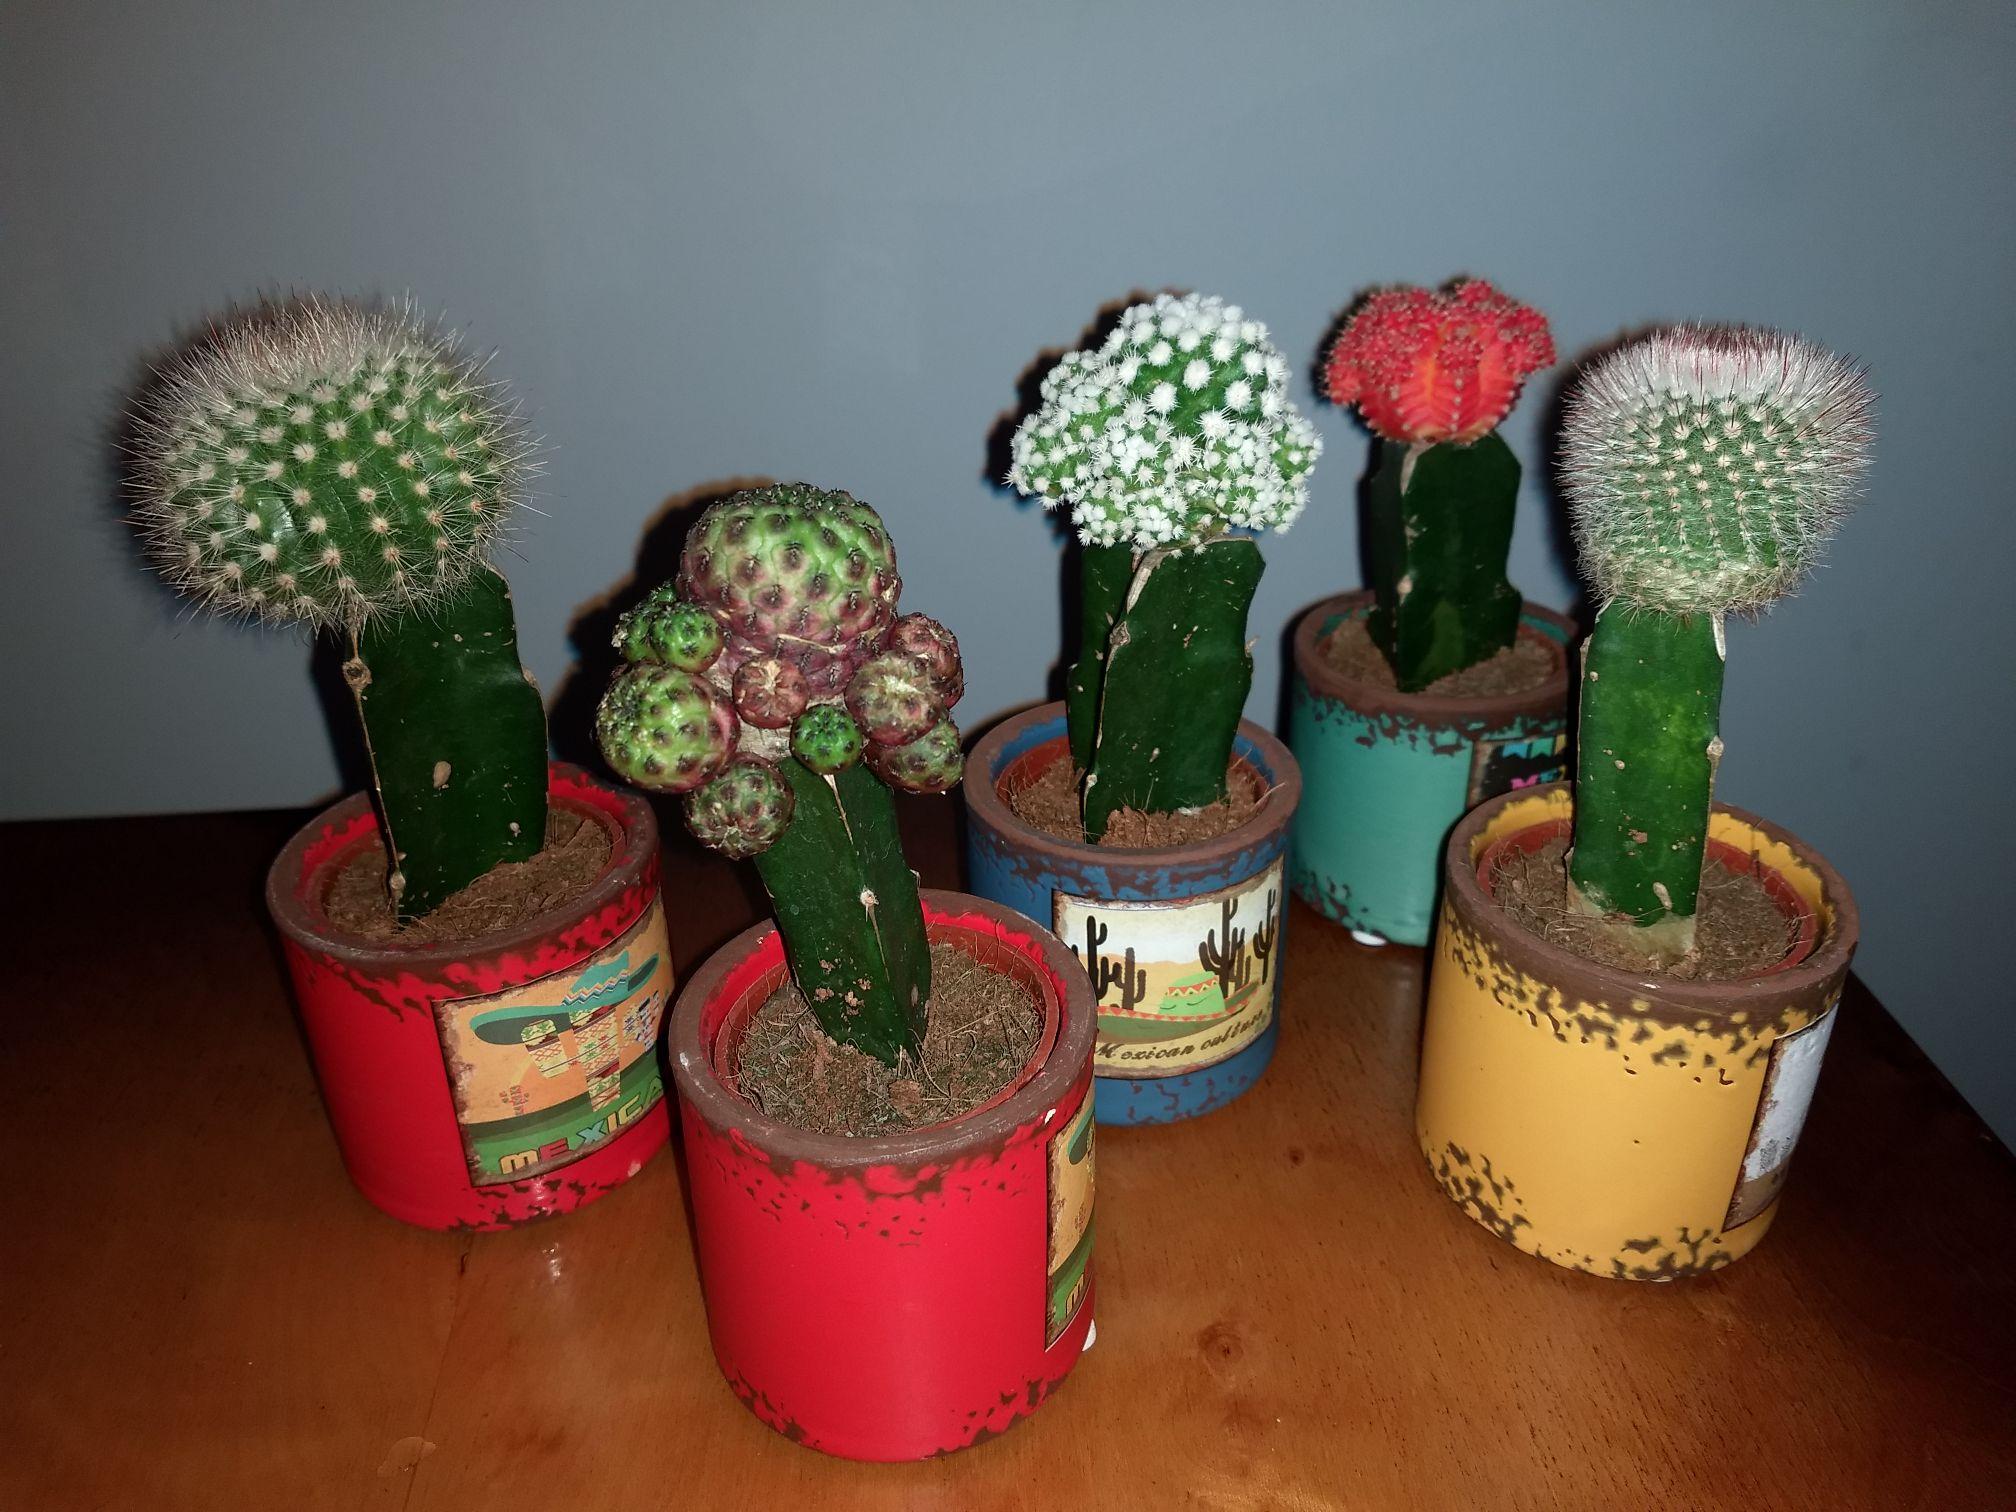 Małe kaktusy w ceramicznej doniczce - Biedronka